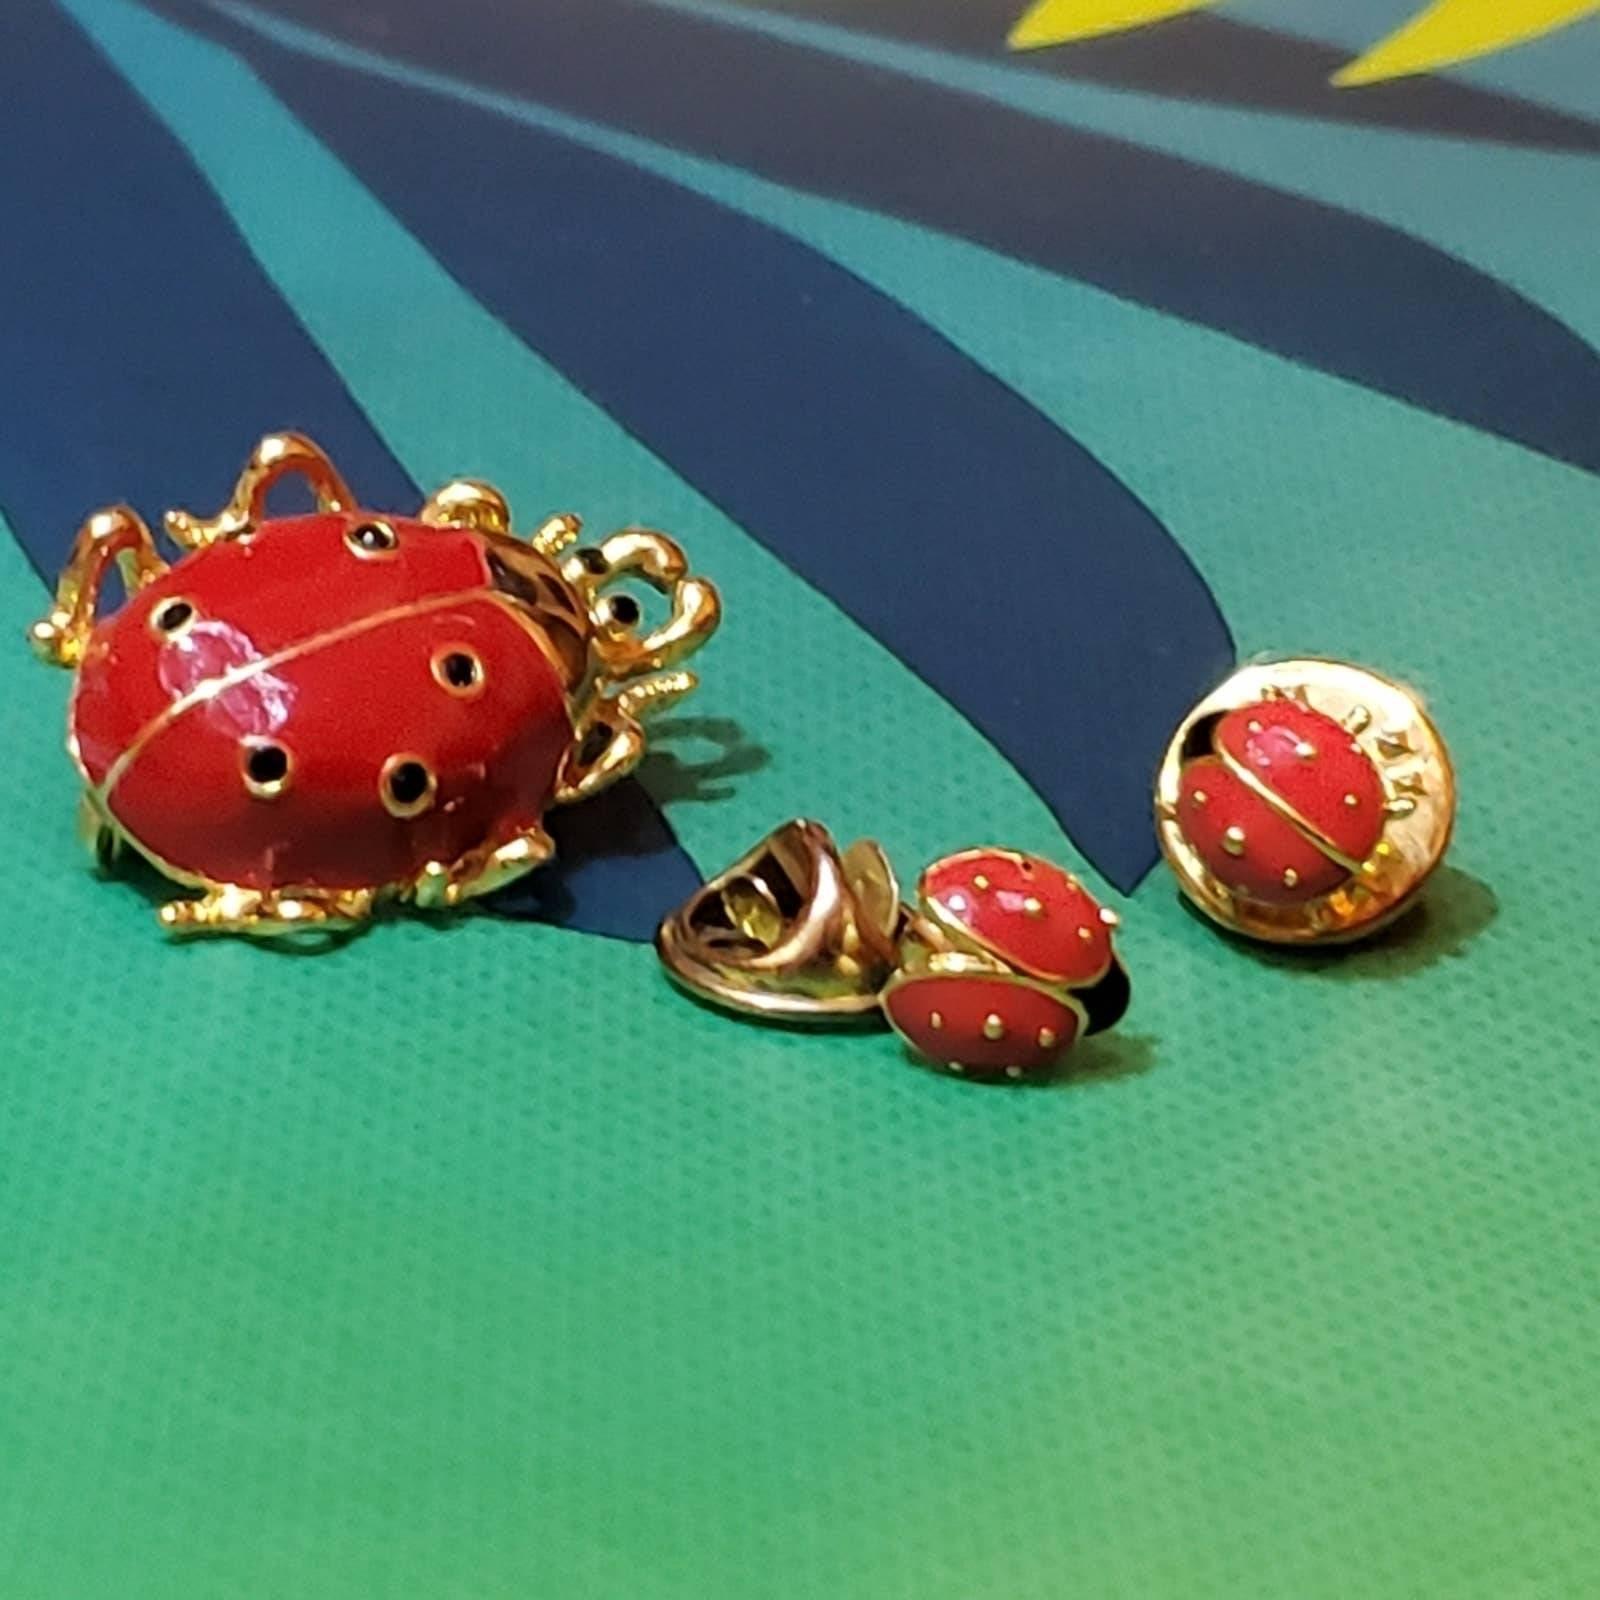 Vintage Ladybug Enamel Brooch Lapel Pins